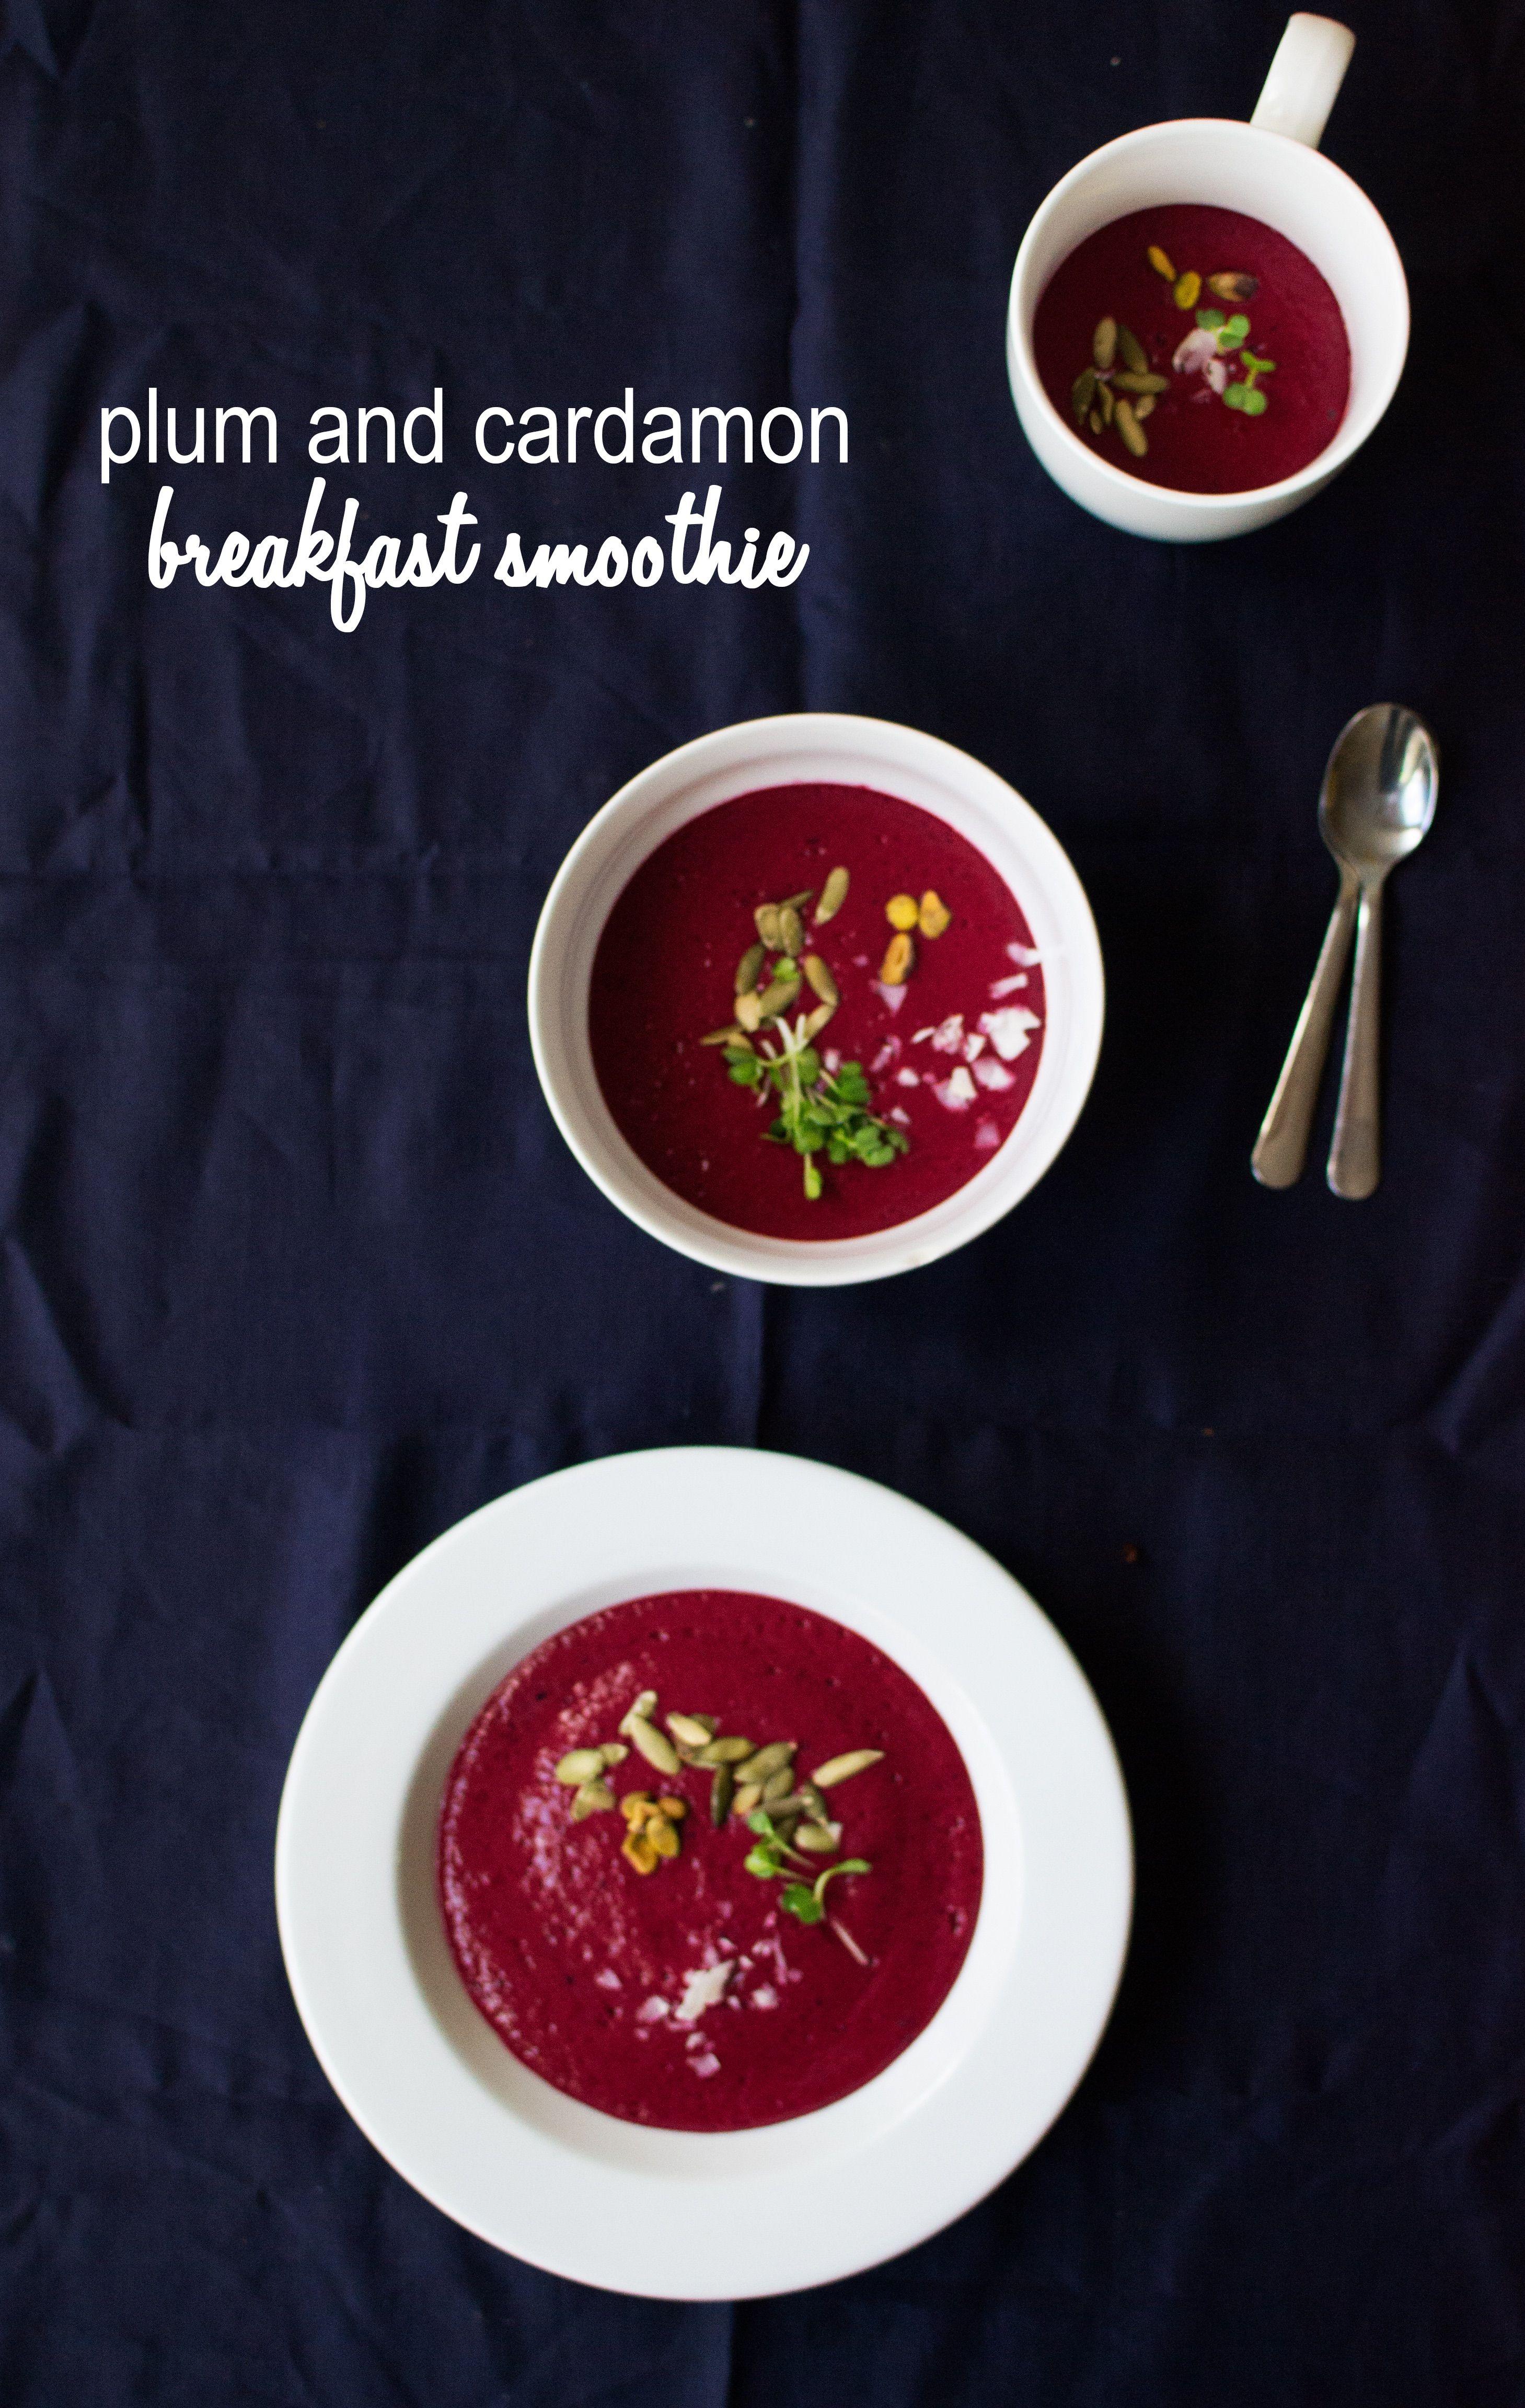 plum & cardamom smoothie bowl recipe | tea & stories